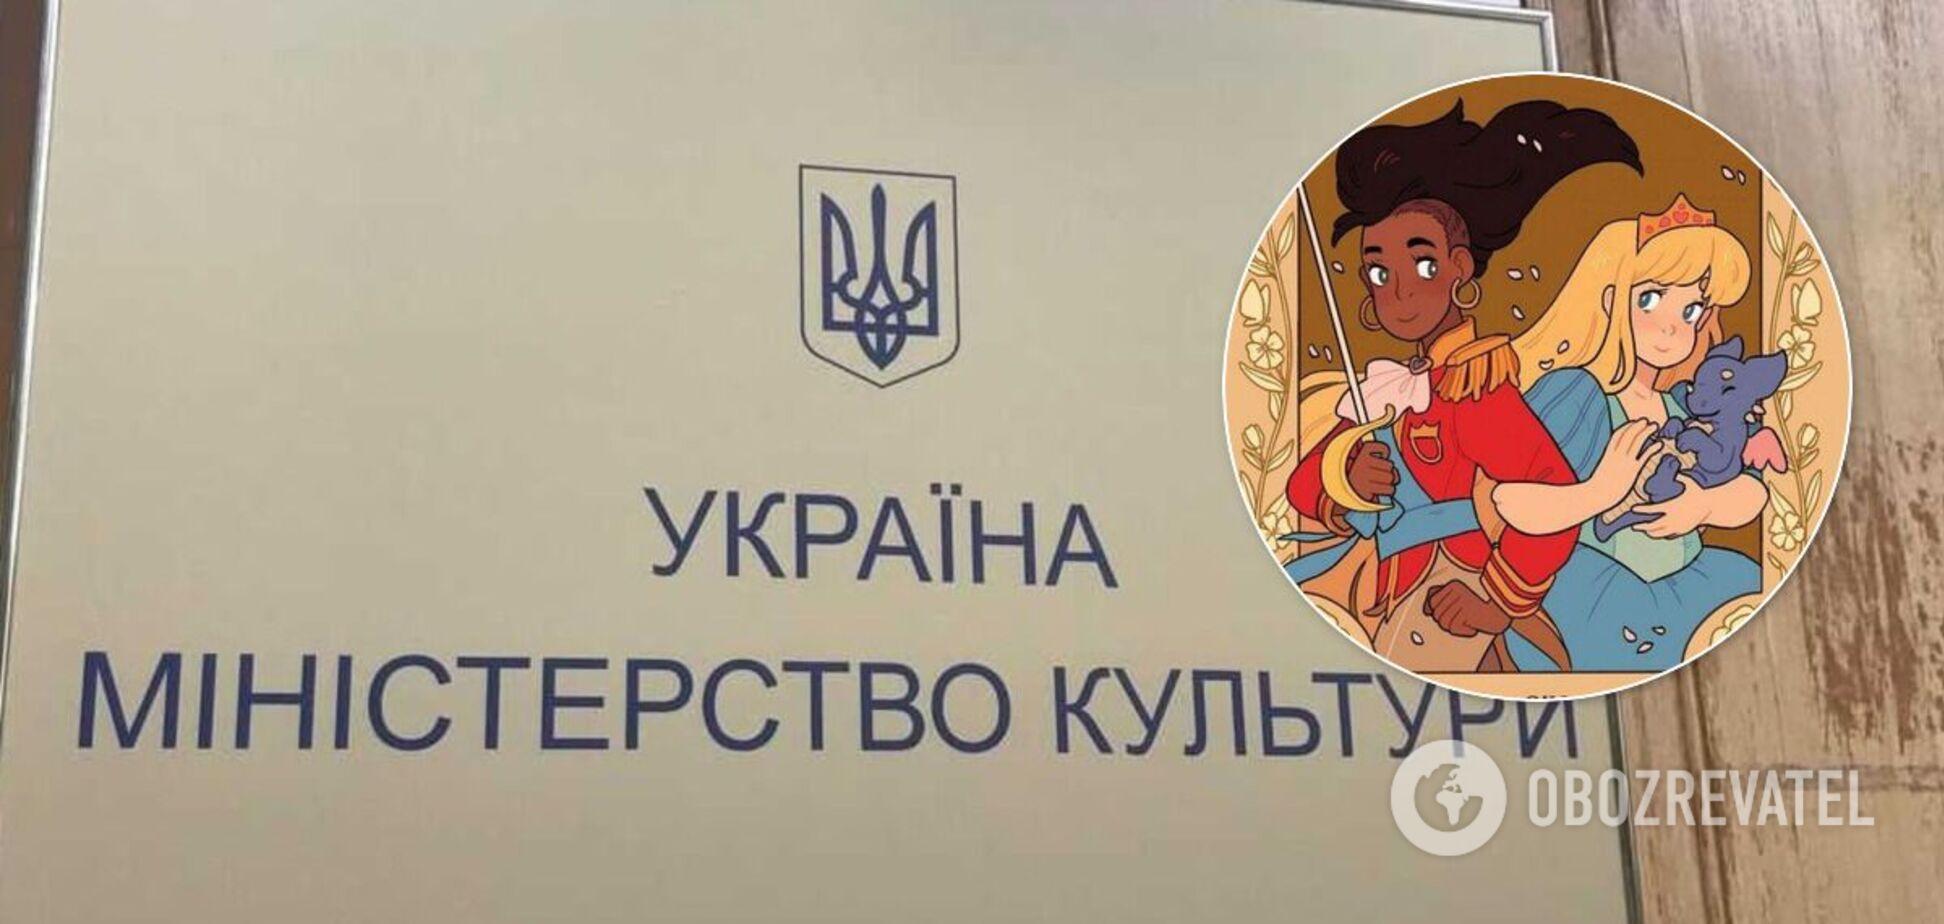 Мінкульт закупив книги для дітей про принцес-лесбійок: думки українців розділилися. Фото